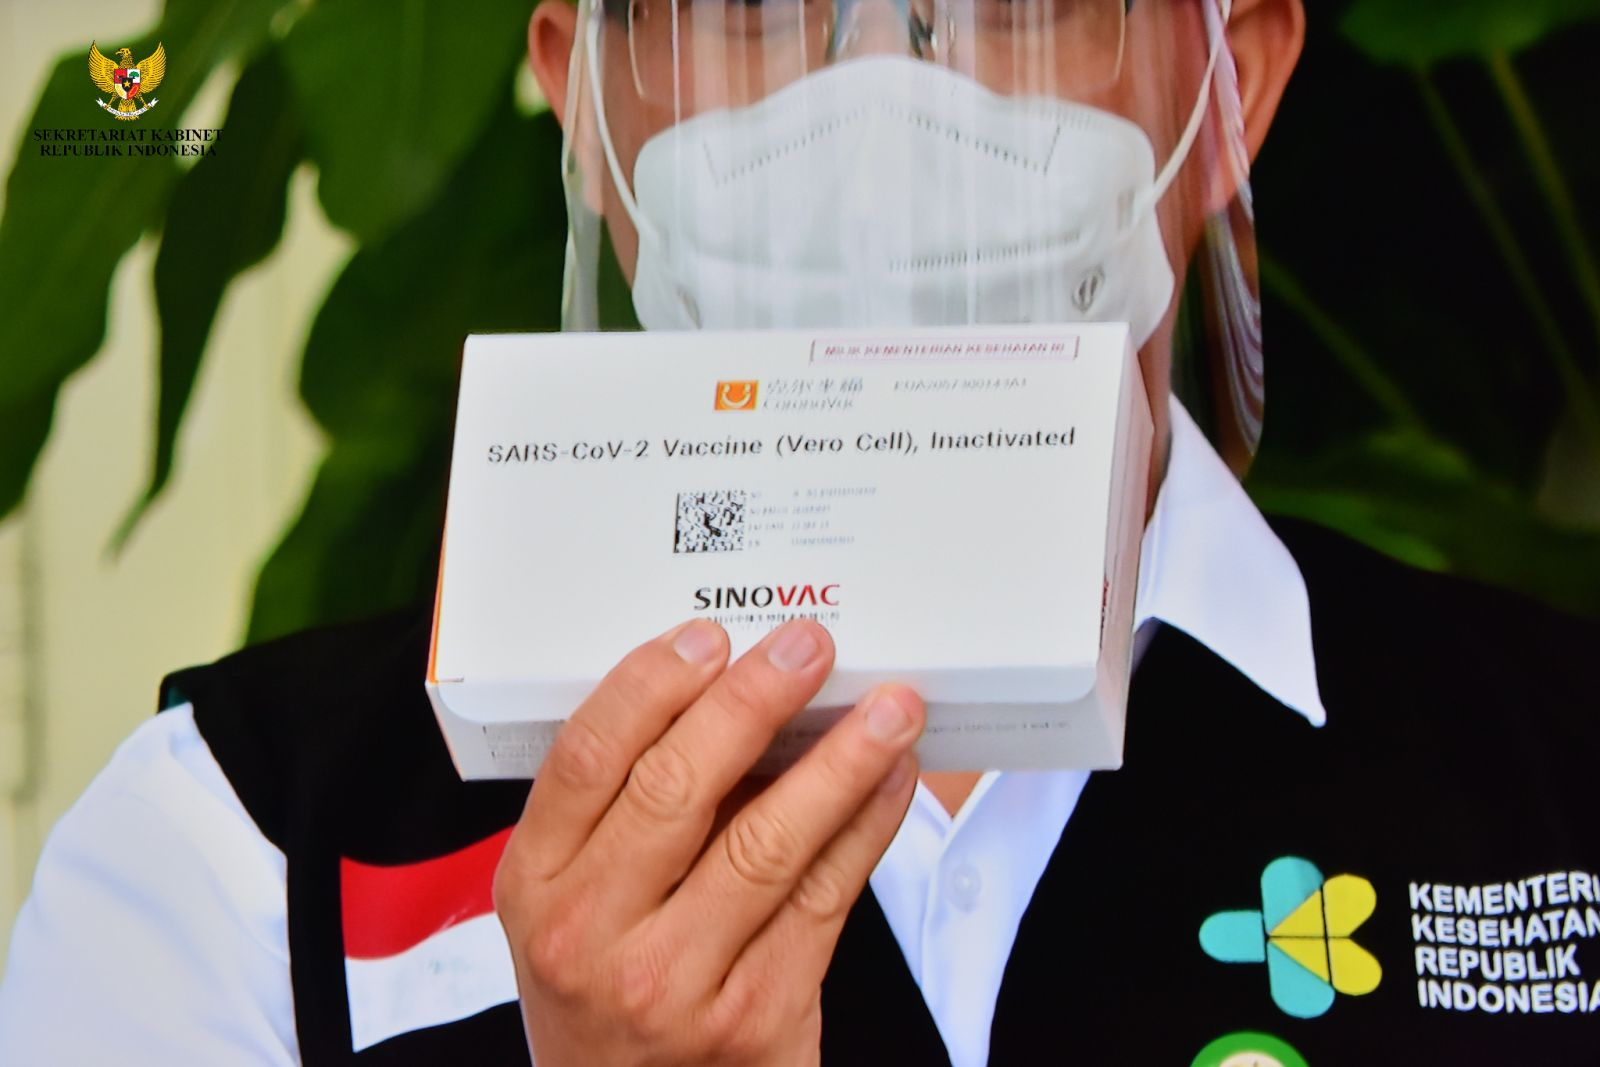 Penampakan Vaksin yang Disuntikkan ke Tubuh Jokowi